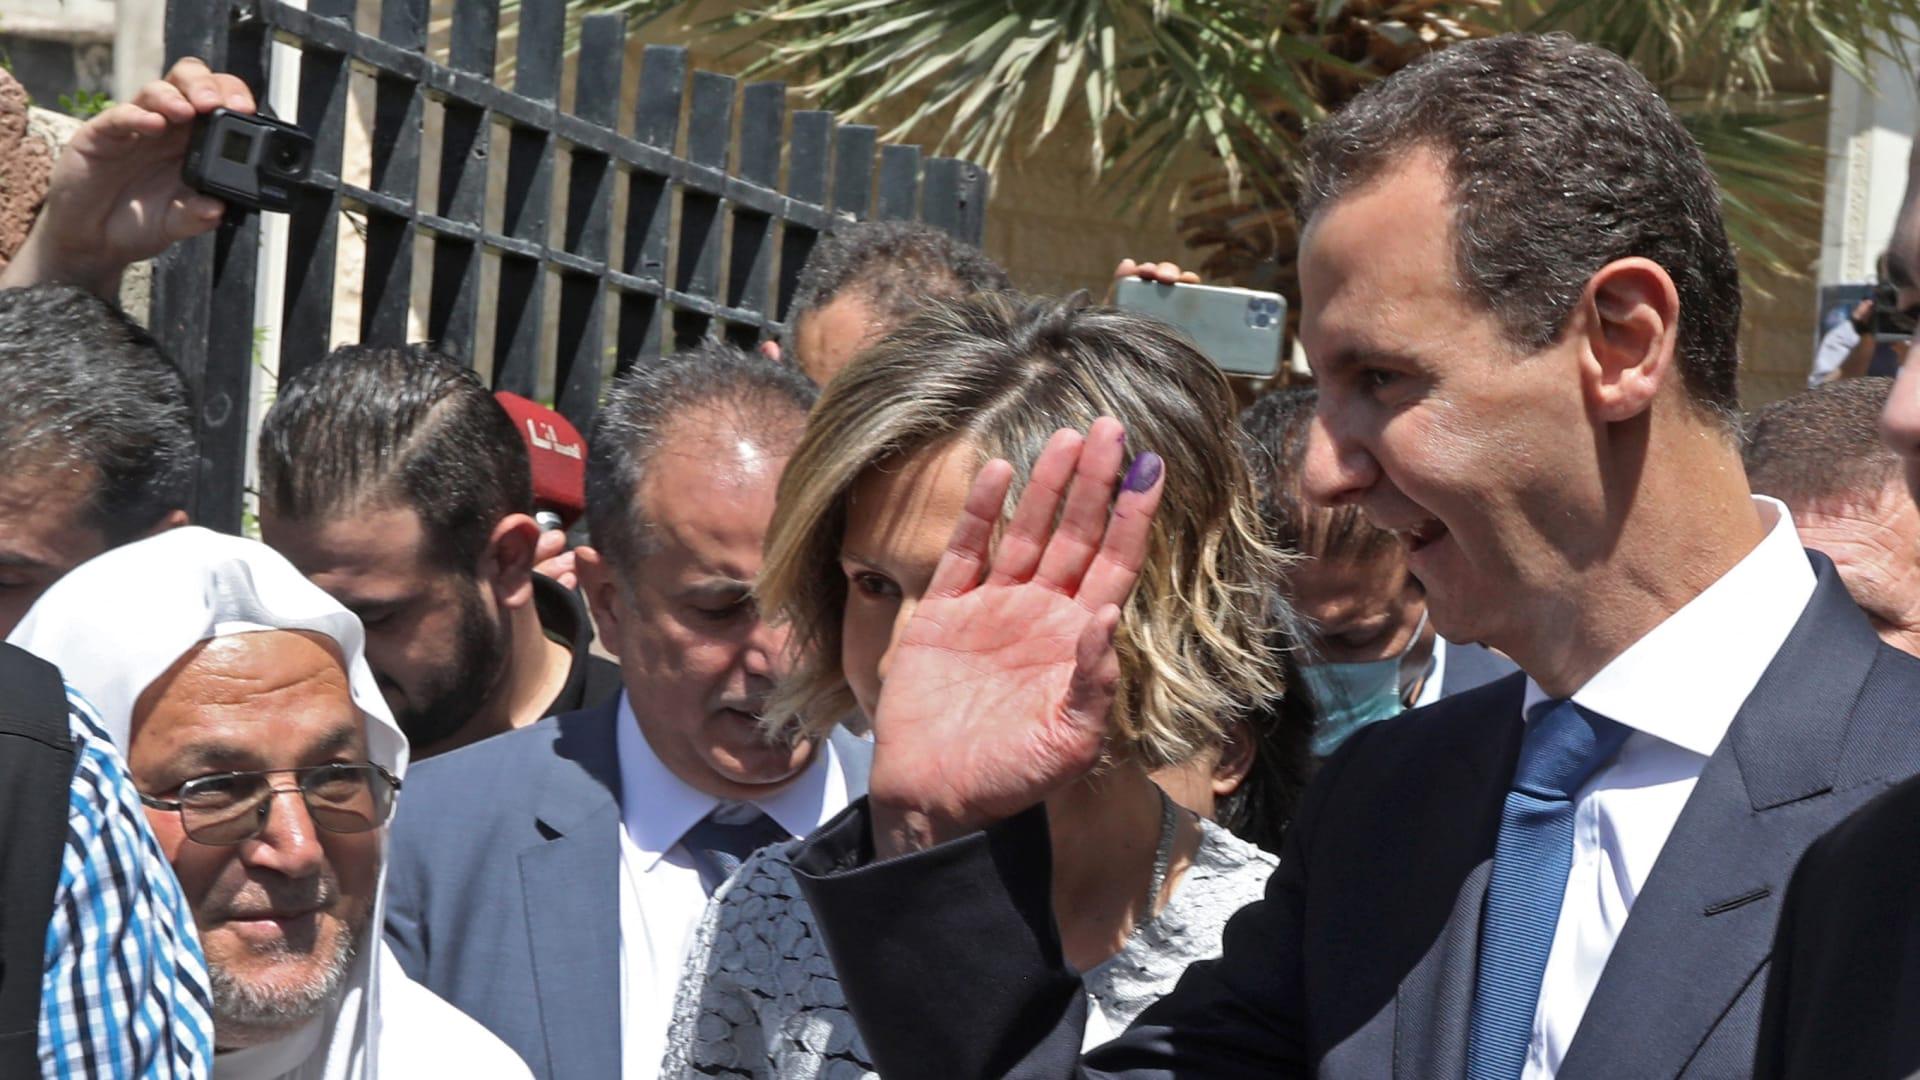 سجال بين أمير سعودي وإعلامي لبناني حول إعادة انتخاب بشار الأسد والديمقراطية